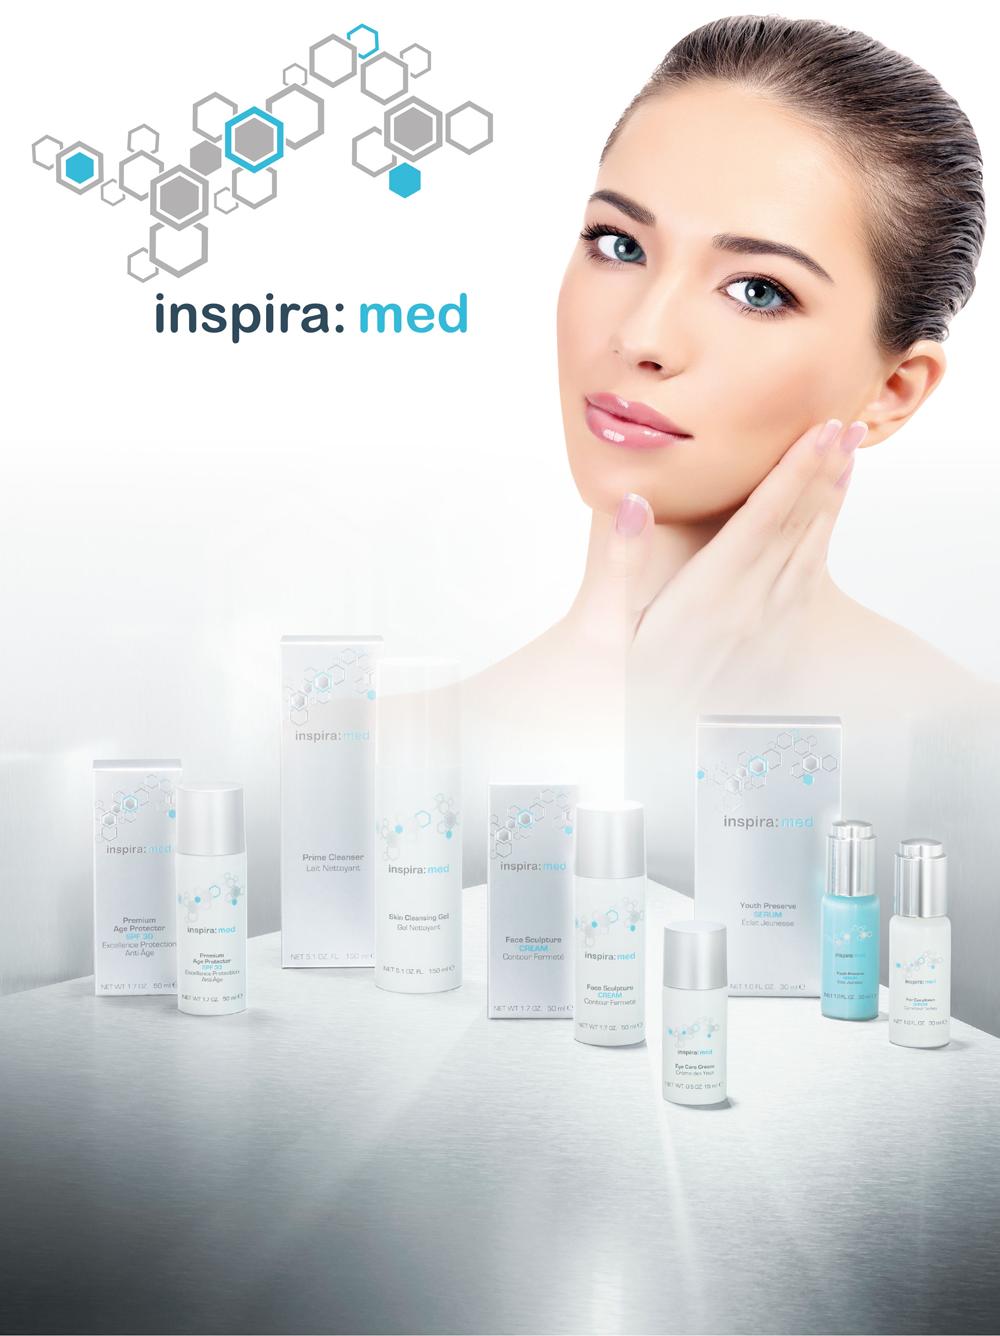 Inspira Med